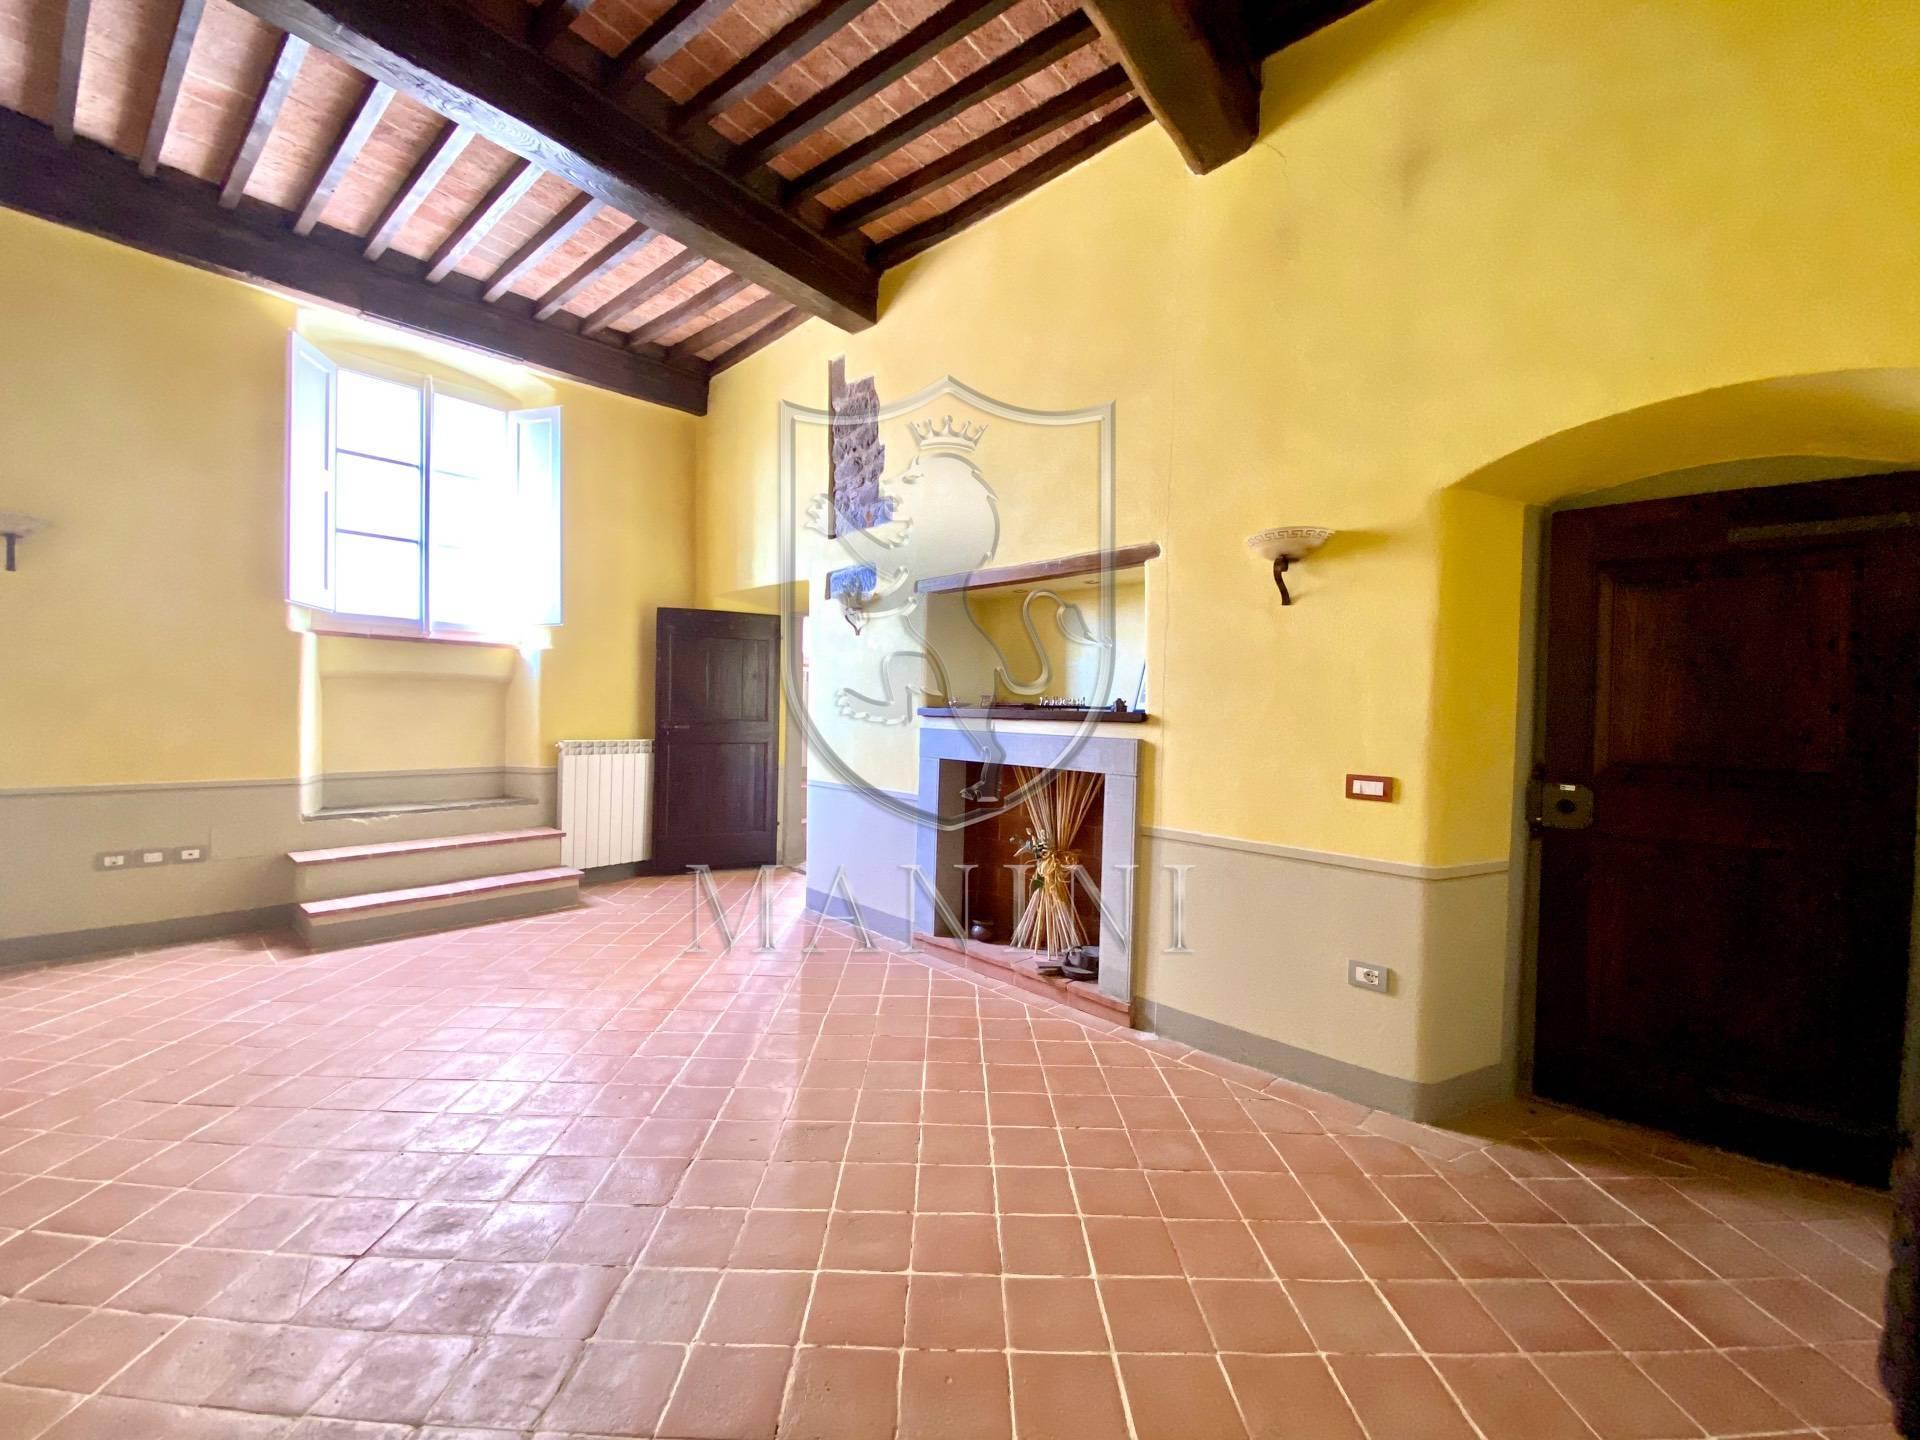 Appartamento in vendita a Cortona, 5 locali, prezzo € 180.000 | CambioCasa.it